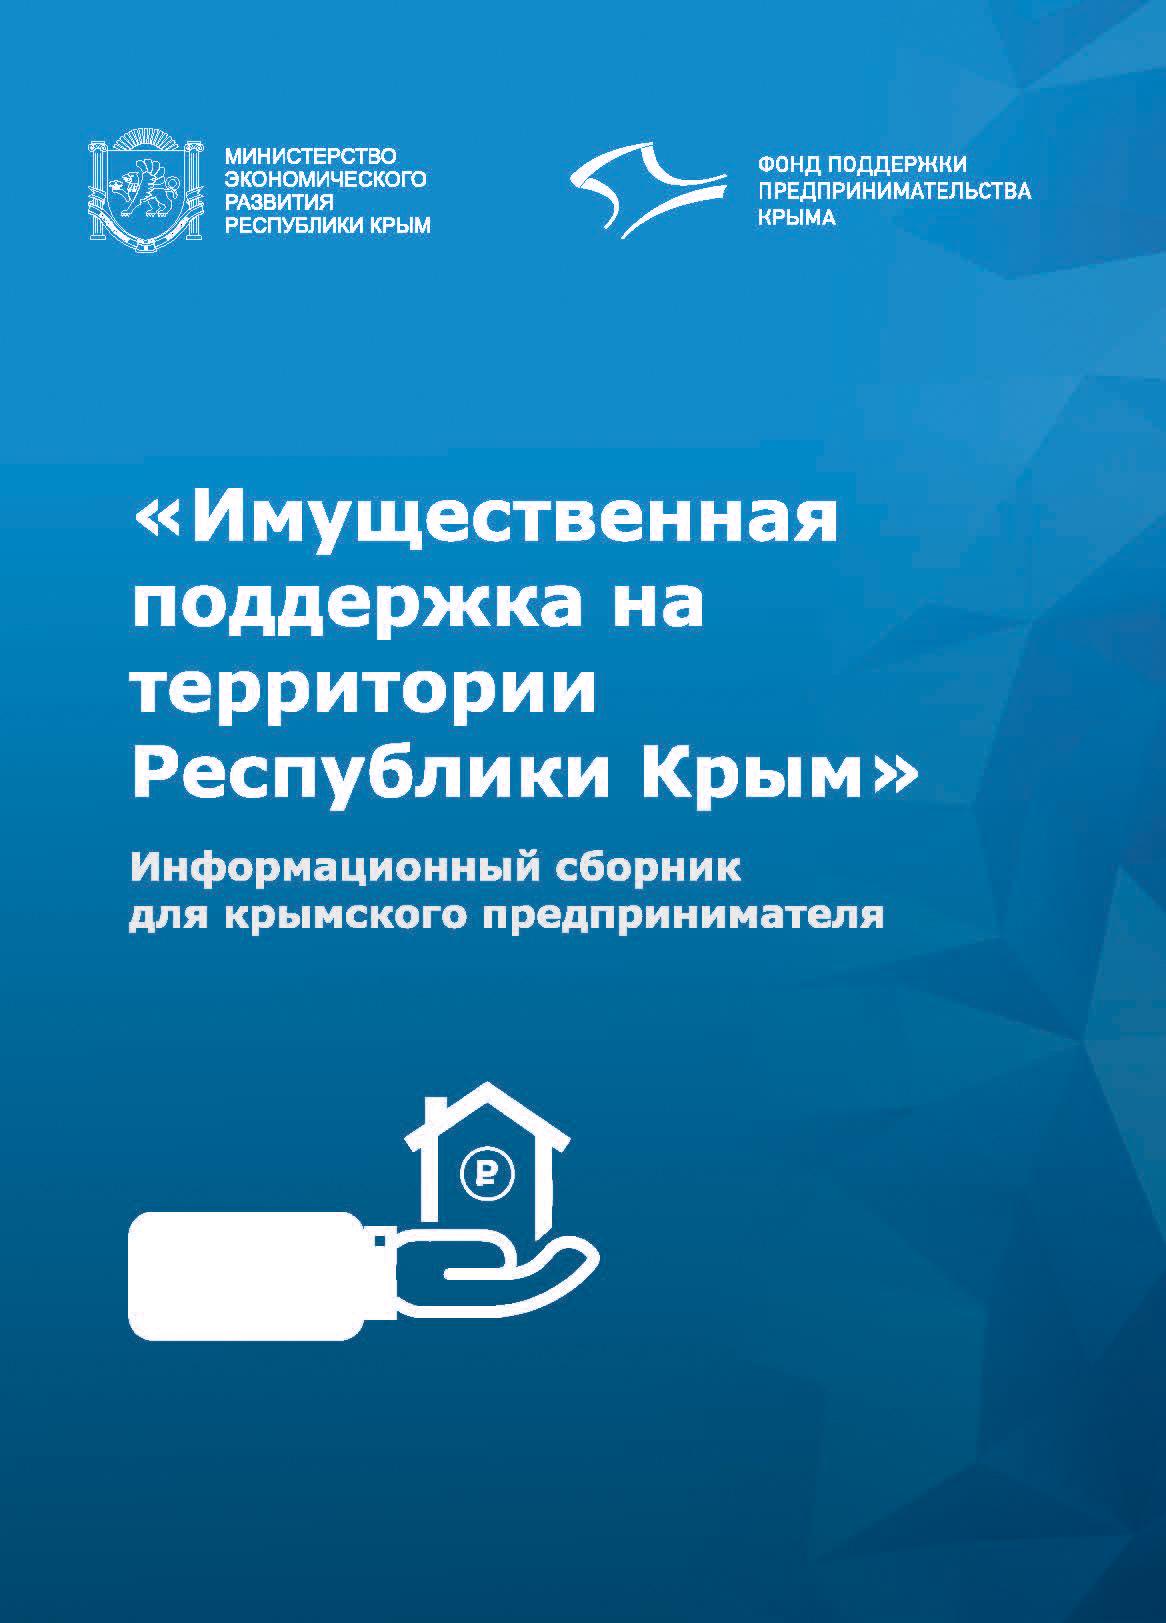 Сдача отчетности в электронном виде в крыму регистрация ип тульской области